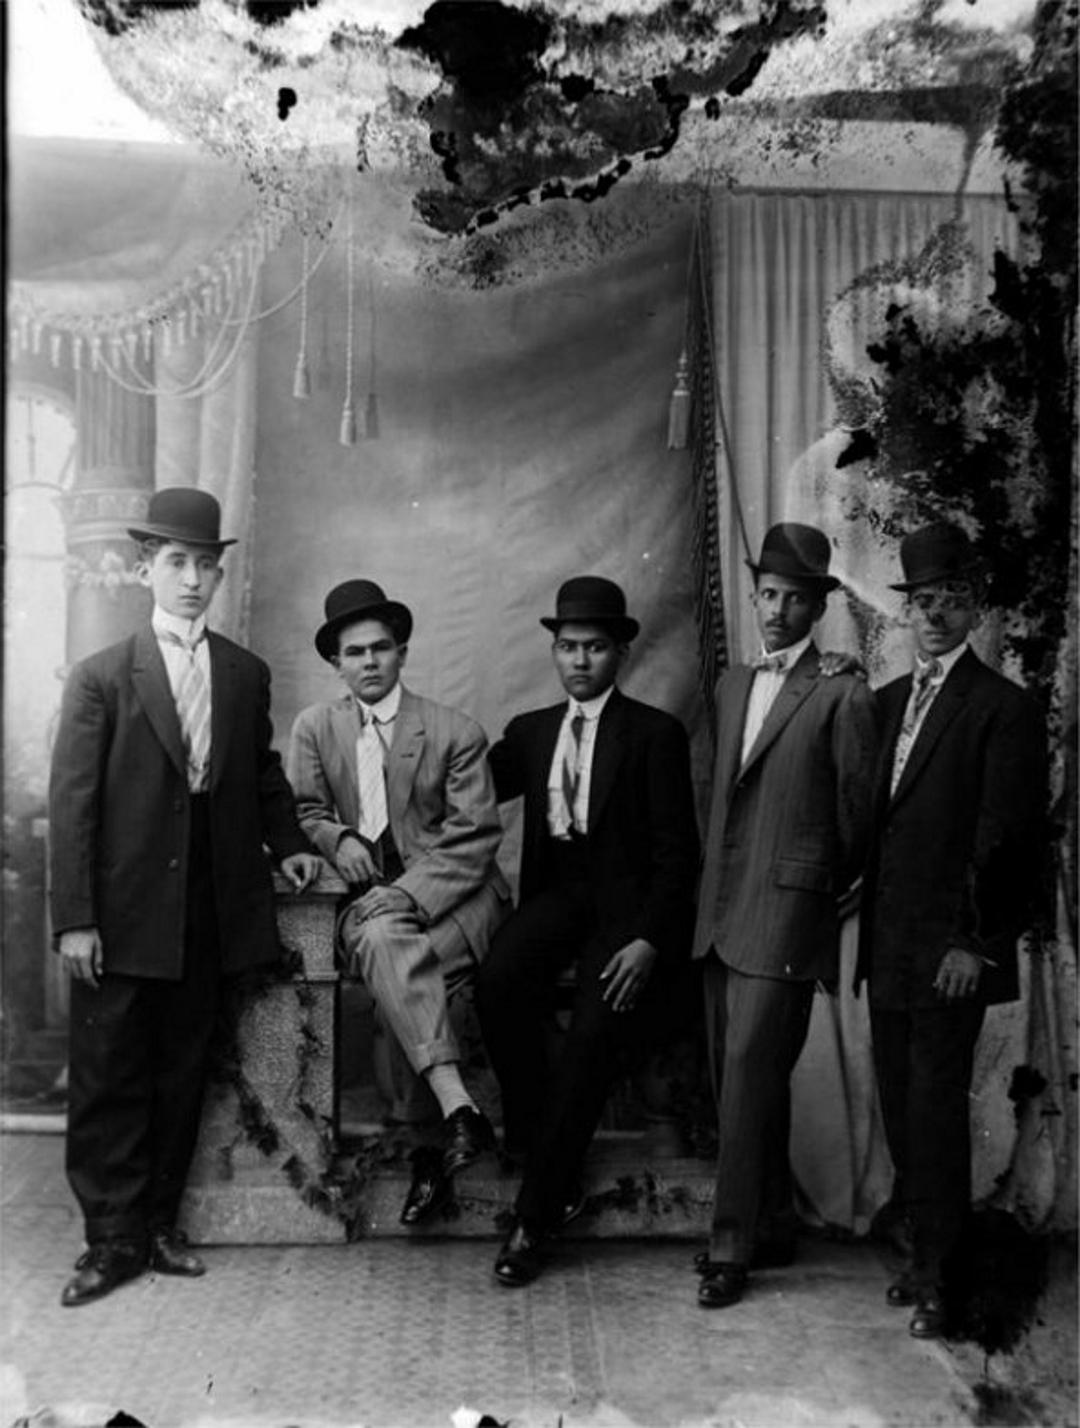 Los Grandes Fotografos: Benjamín de la Calle (1869-1934)